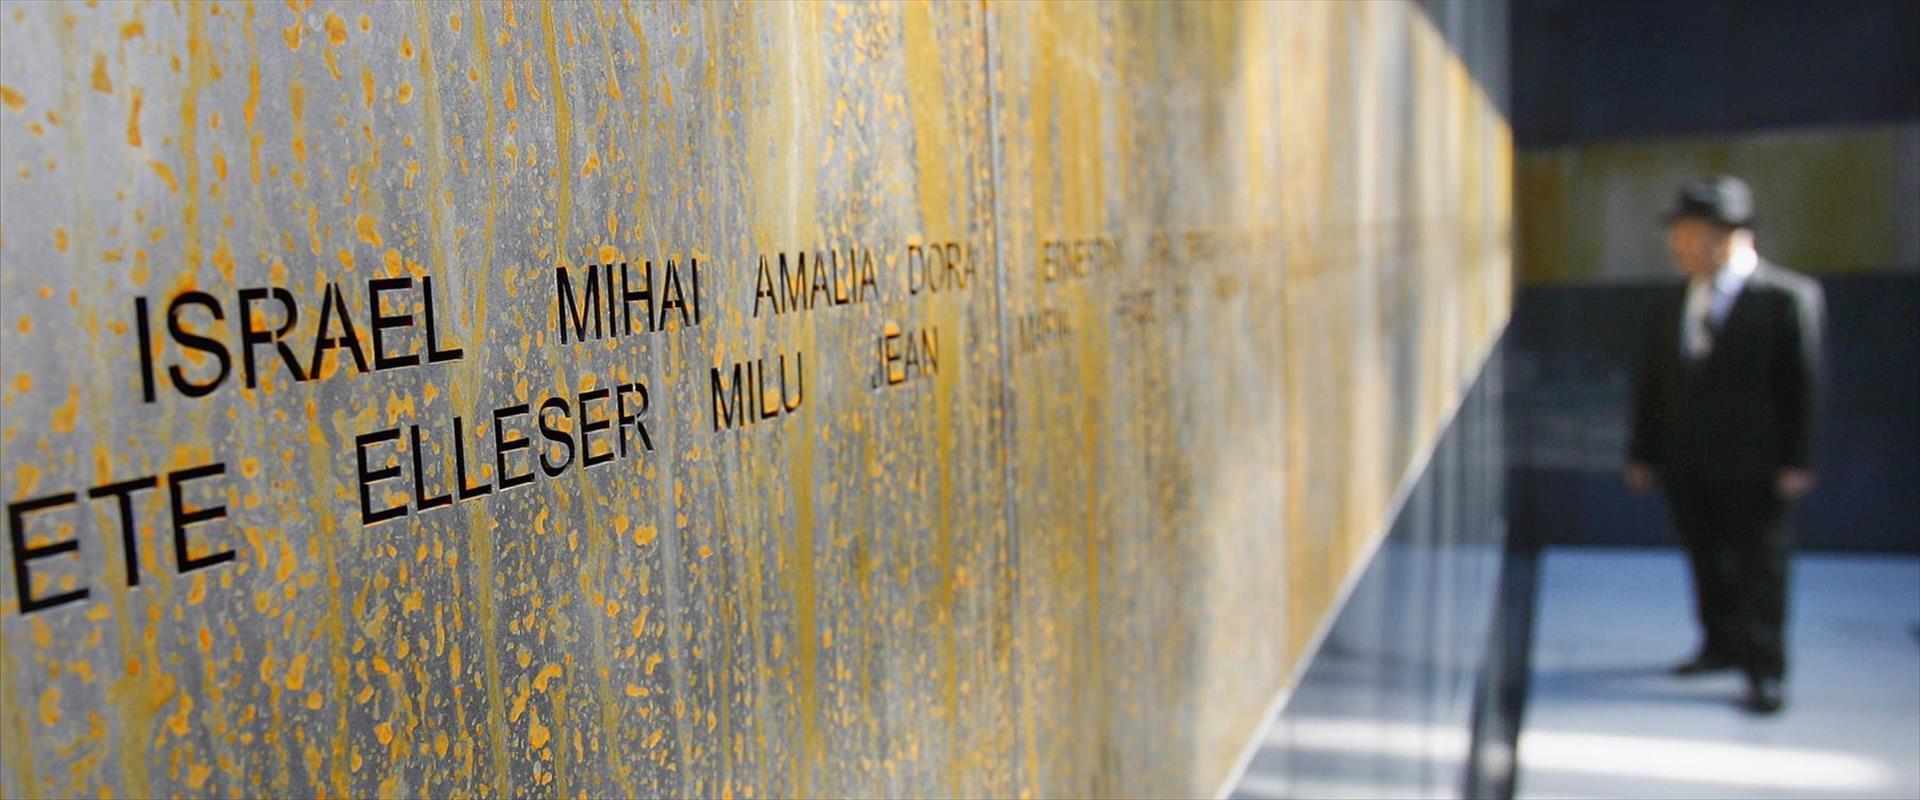 אנדרטה לזכר ניצולי השואה בבוקרשט, רומניה